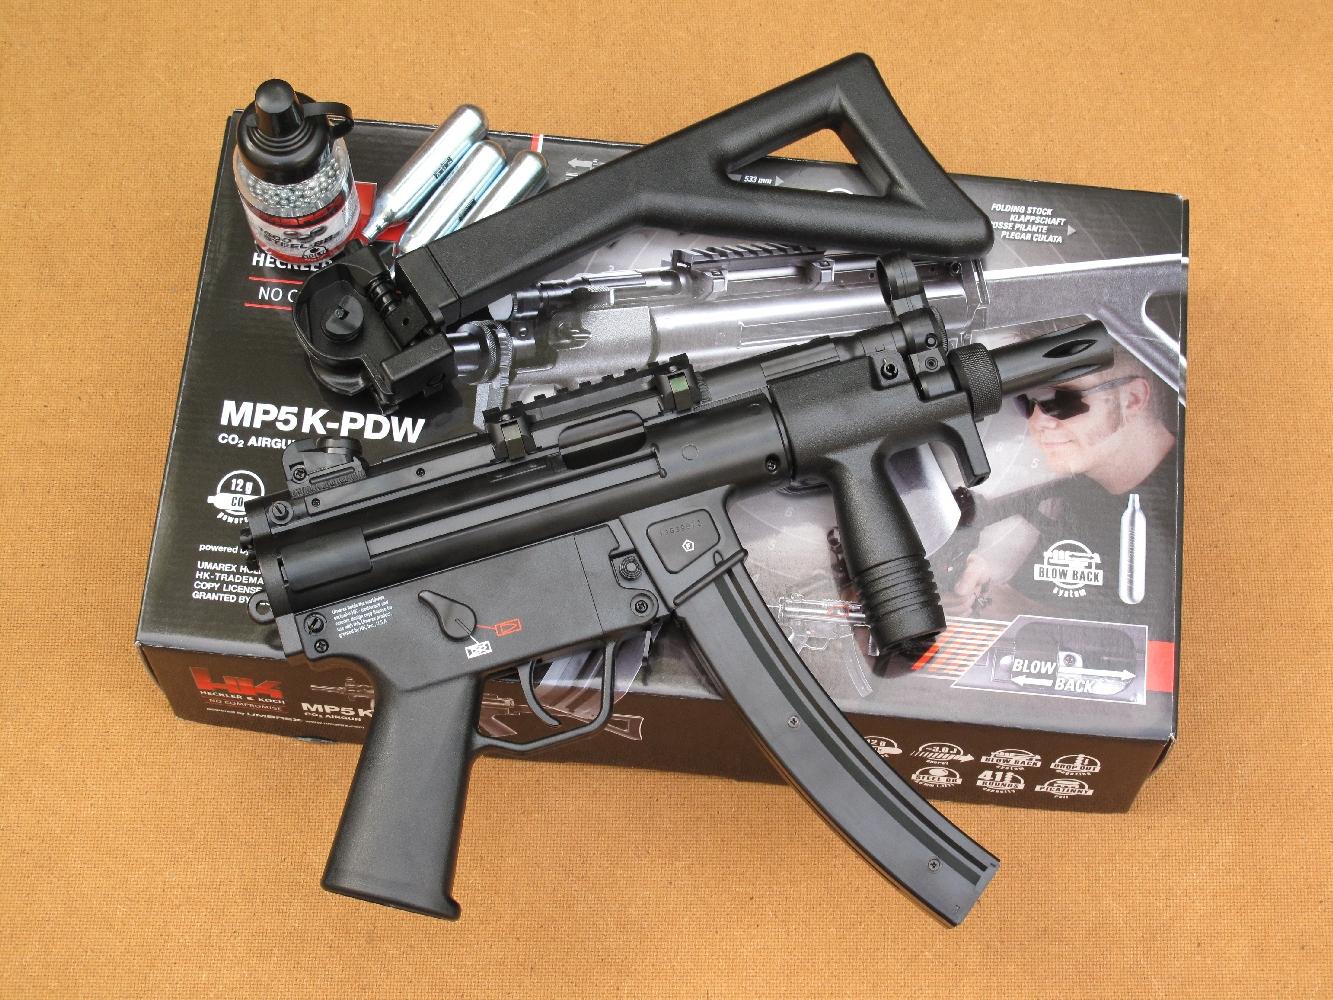 Cette réplique de pistolet mitrailleur, fabriquée par la firme allemande Umarex, fonctionne en mode semi-automatique au moyen d'un chargeur contenant 40 billes de calibre 4,5 mm BB, la propulsion étant assurée par une cartouche de 12 g de gaz carbonique liquide (CO2).